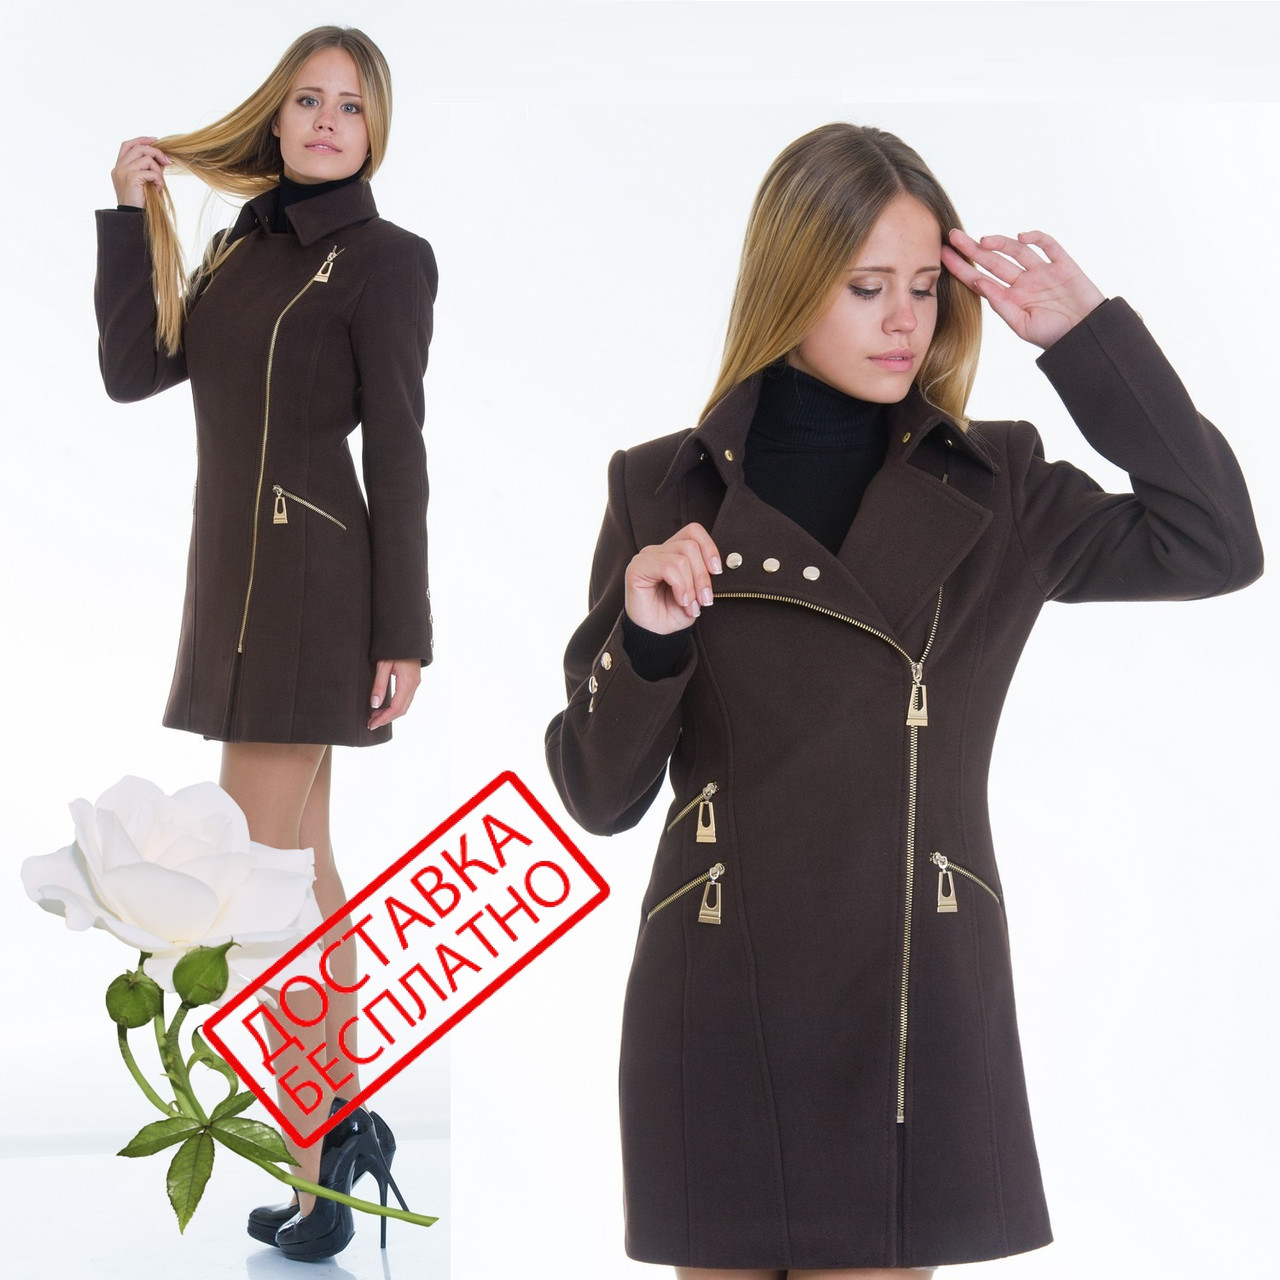 Демисезонное пальто из кашемира на молнии L 079002 Коричневый